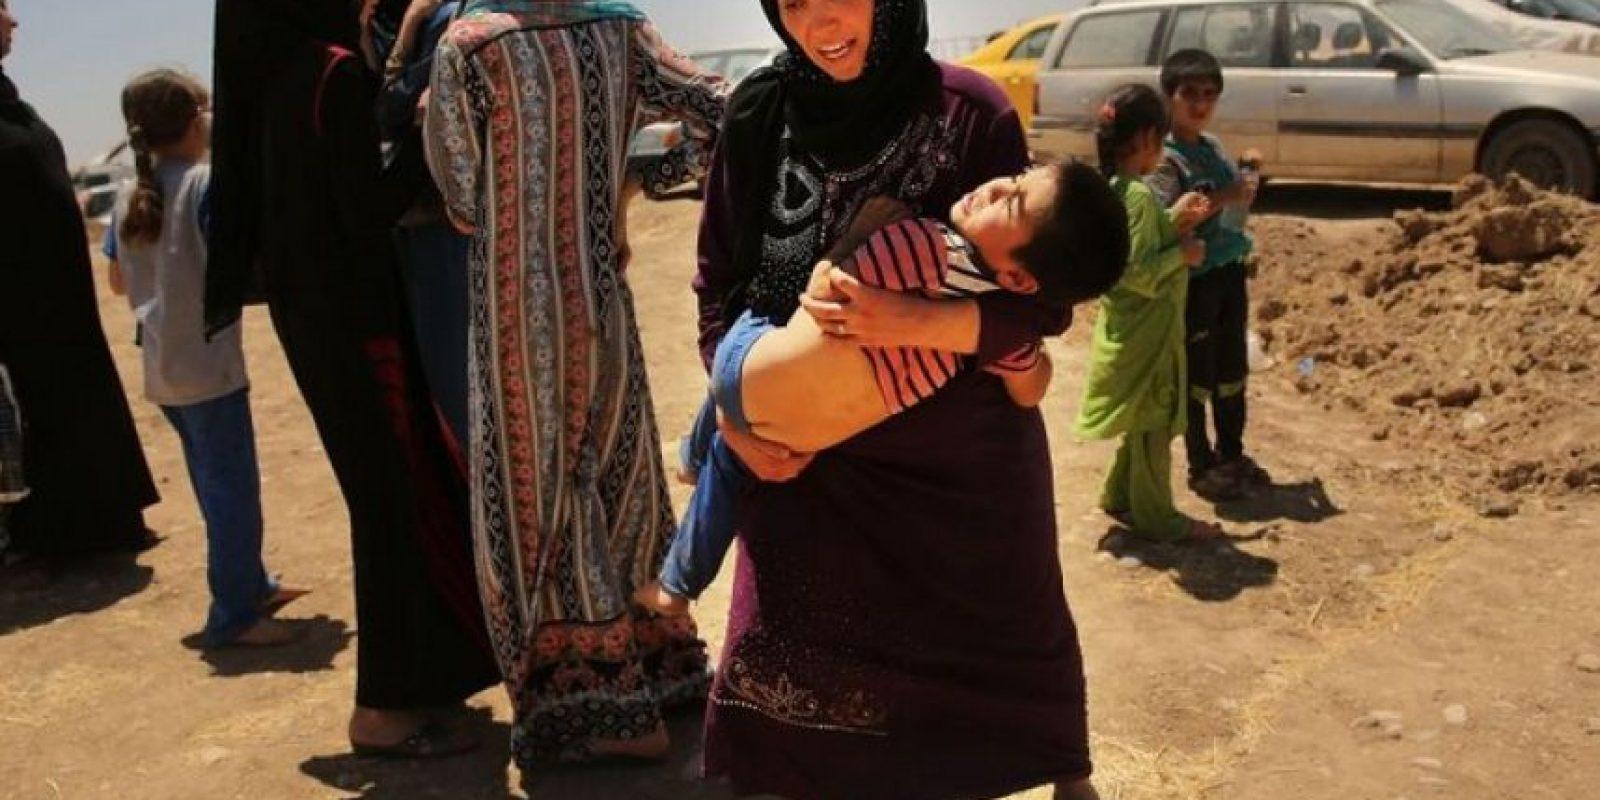 """De acuerdo al documento no está permitido """"adquirir"""" más de tres mujeres, excepto para extranjeros provenientes de Turquía, Siria y para los árabes provenientes del Golfo. Foto:Getty Images"""